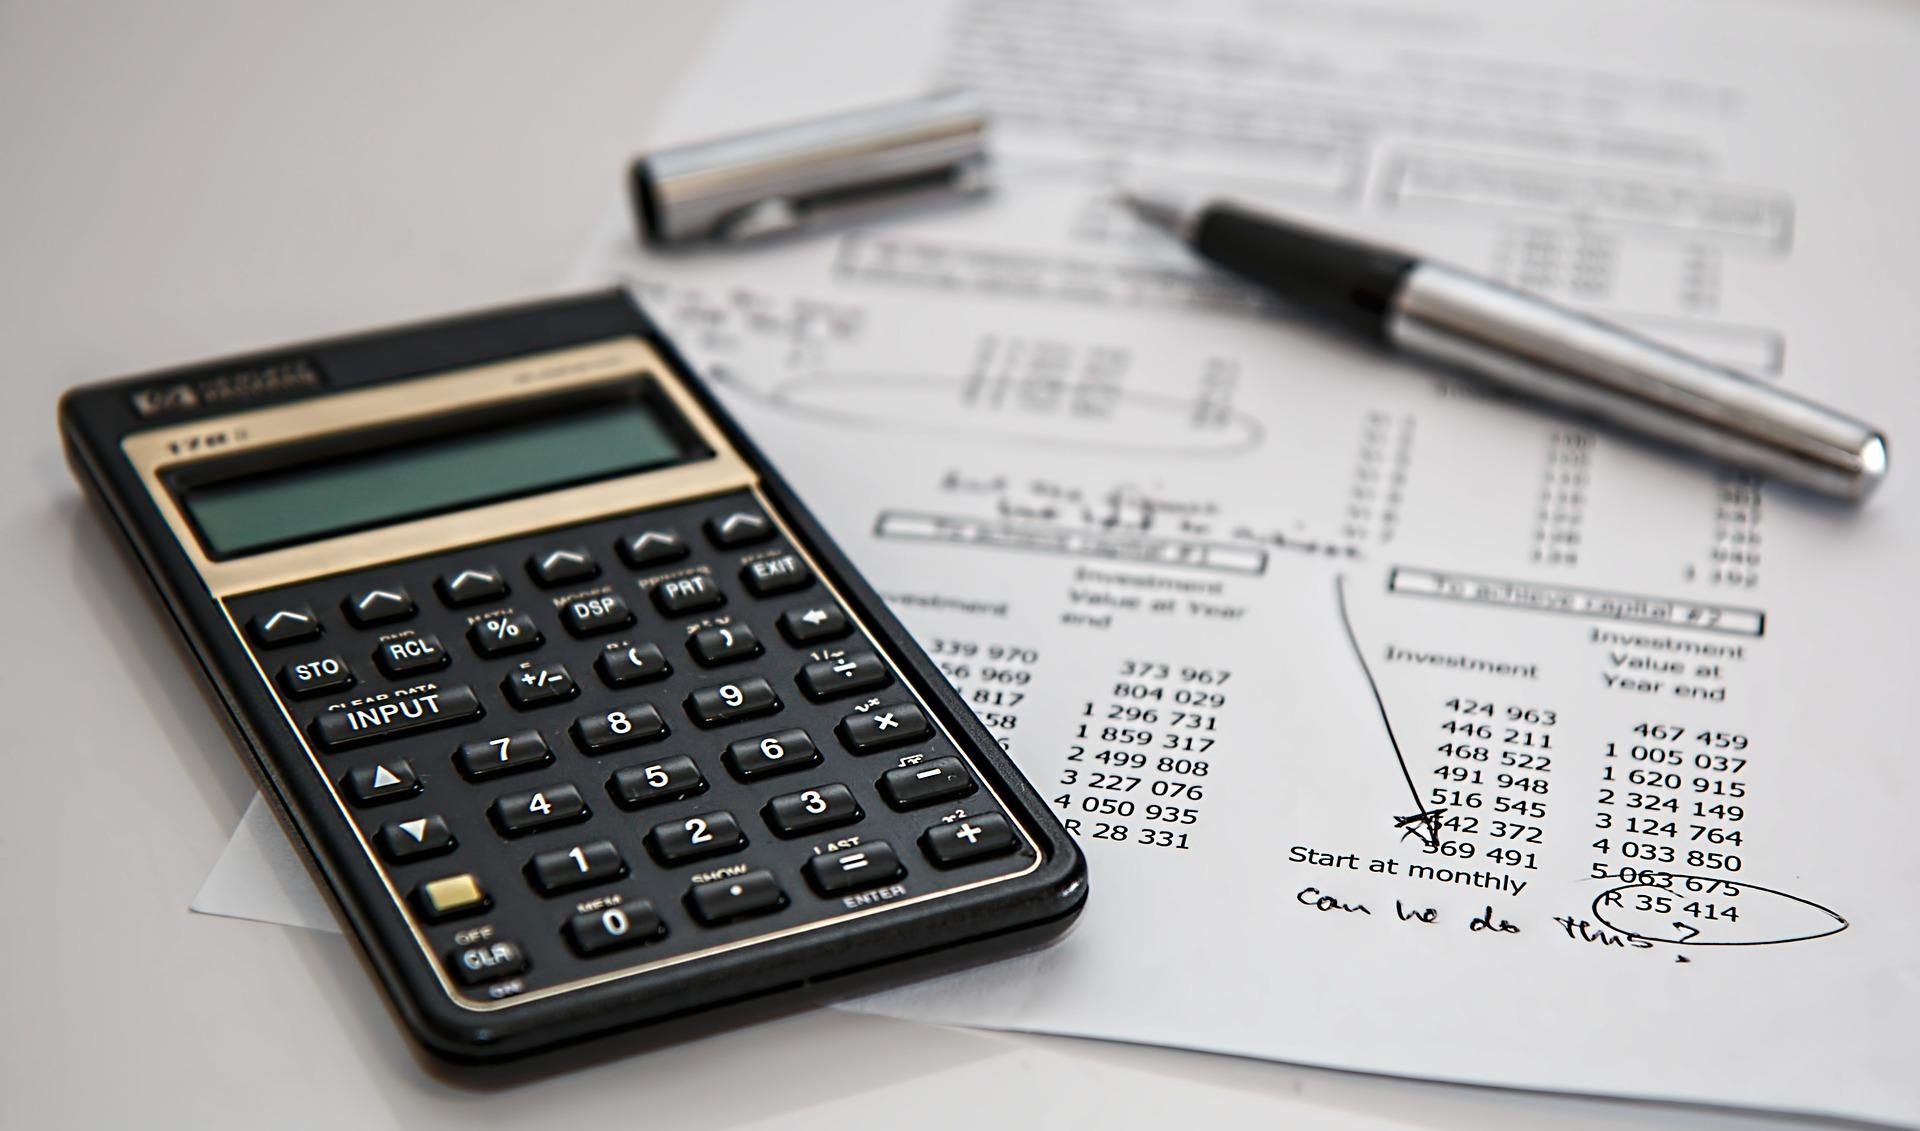 Ação revisional de financiamento de veículo: mitos e verdades